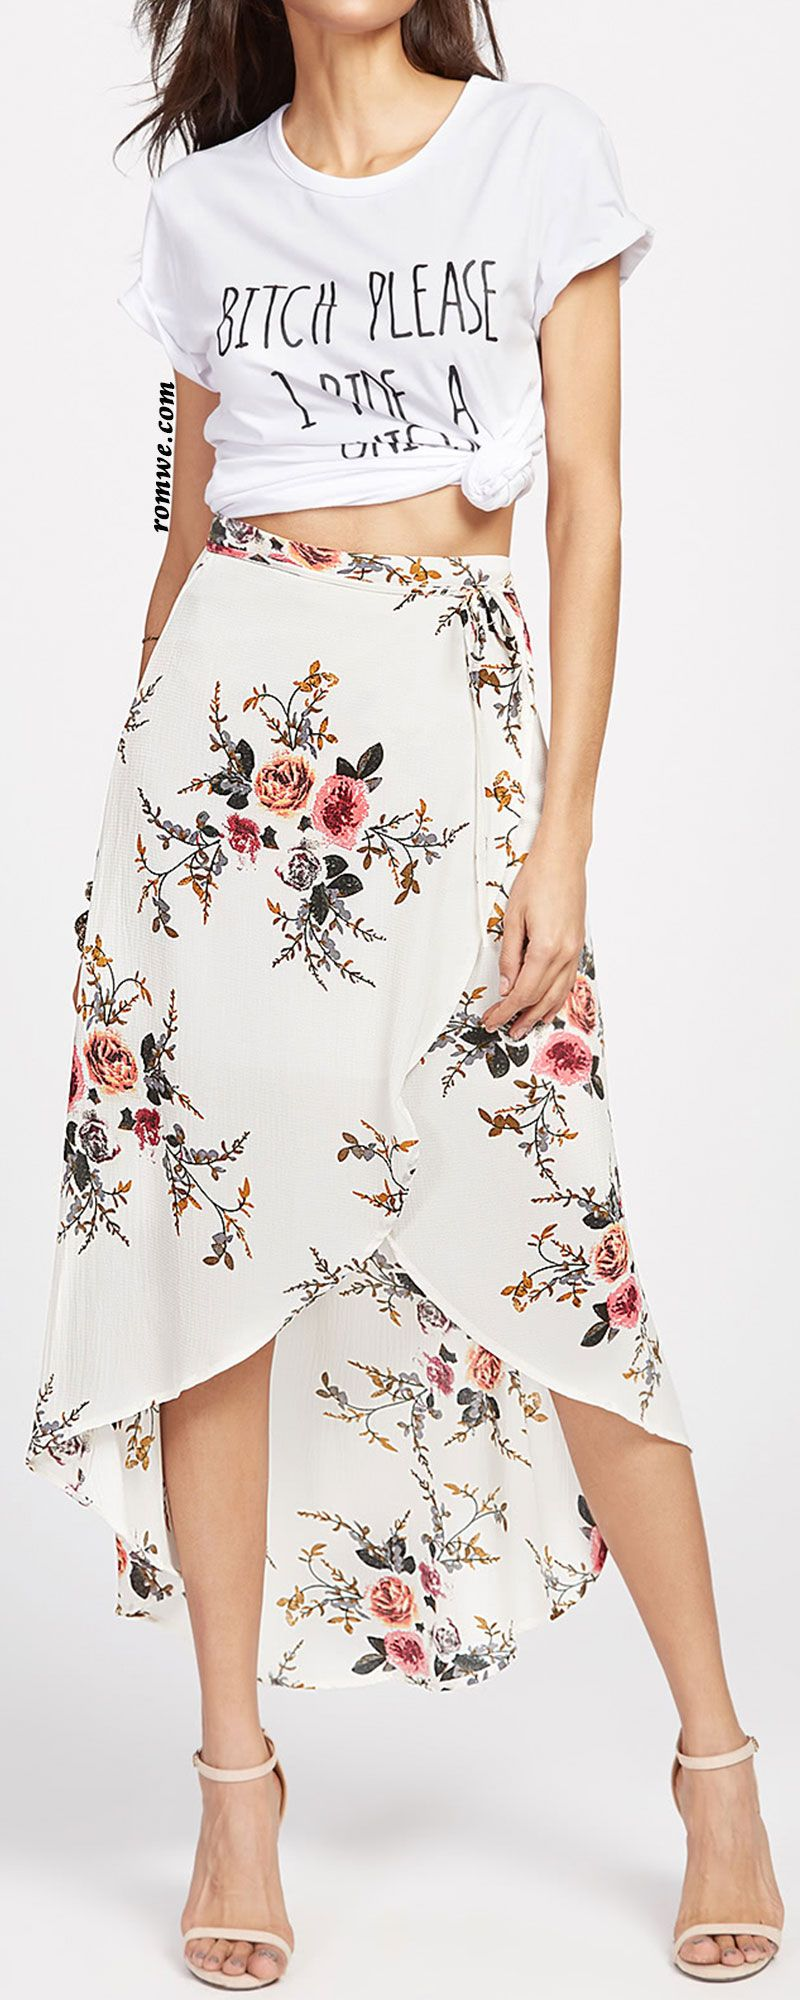 9910b3afb Beige Floral Print Dip Hem Wrap Skirt   Romwe Hot Buy in 2019 ...